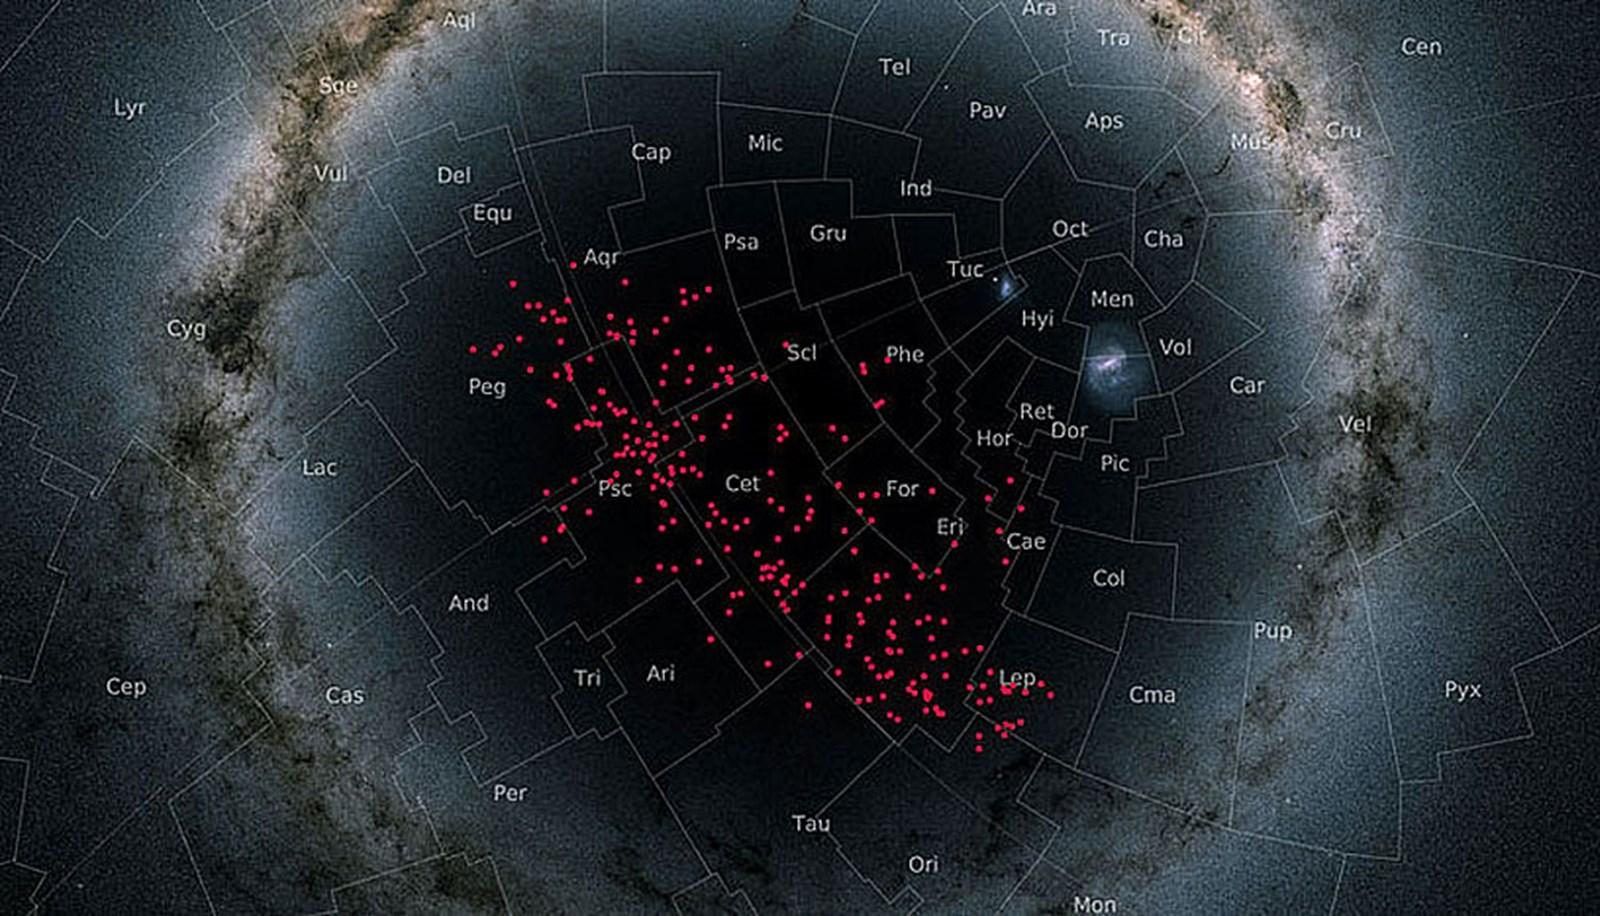 Riesiger Sternenstrom in der kosmischen Nachbarschaft entdeckt